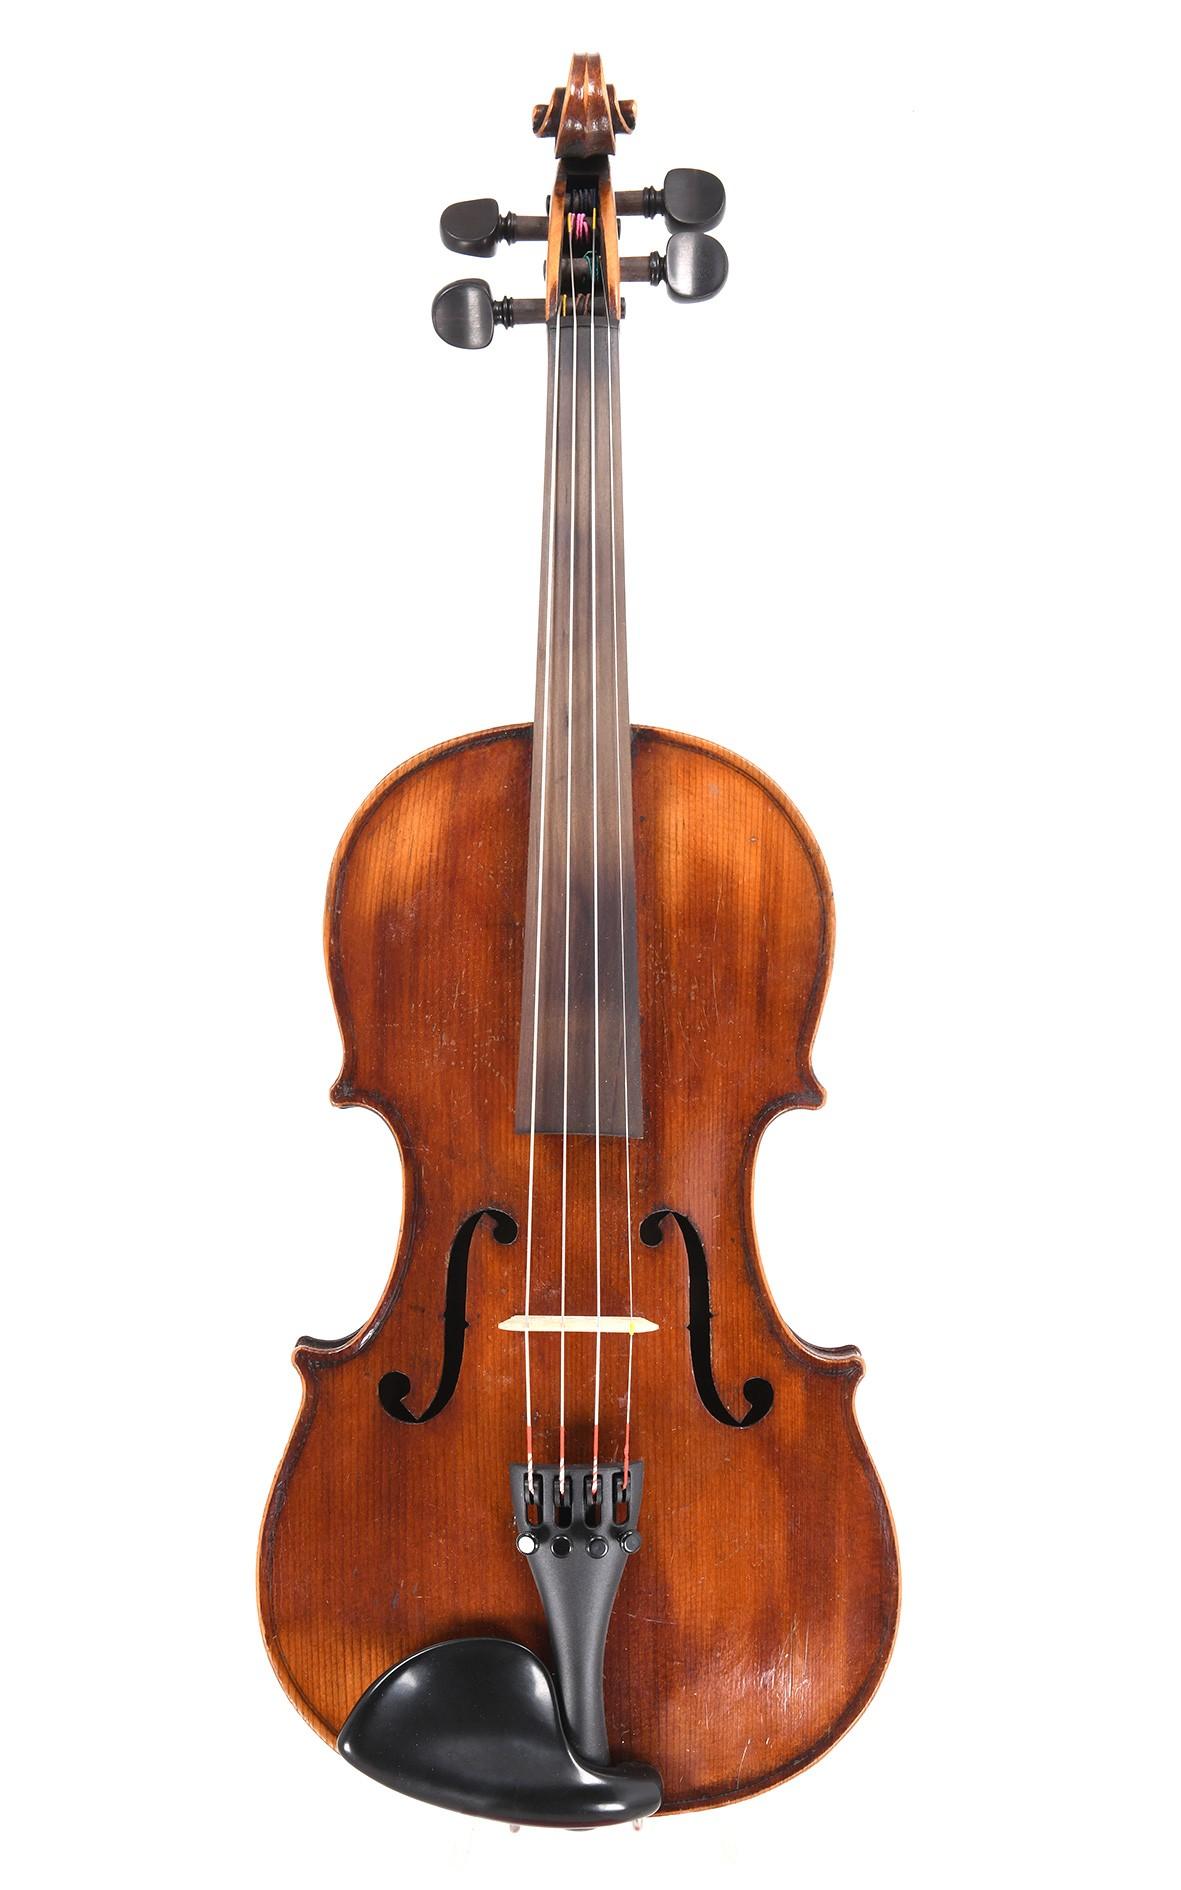 Antique French 3/4 violin by JTL, Mirecourt. Medio-Fino model